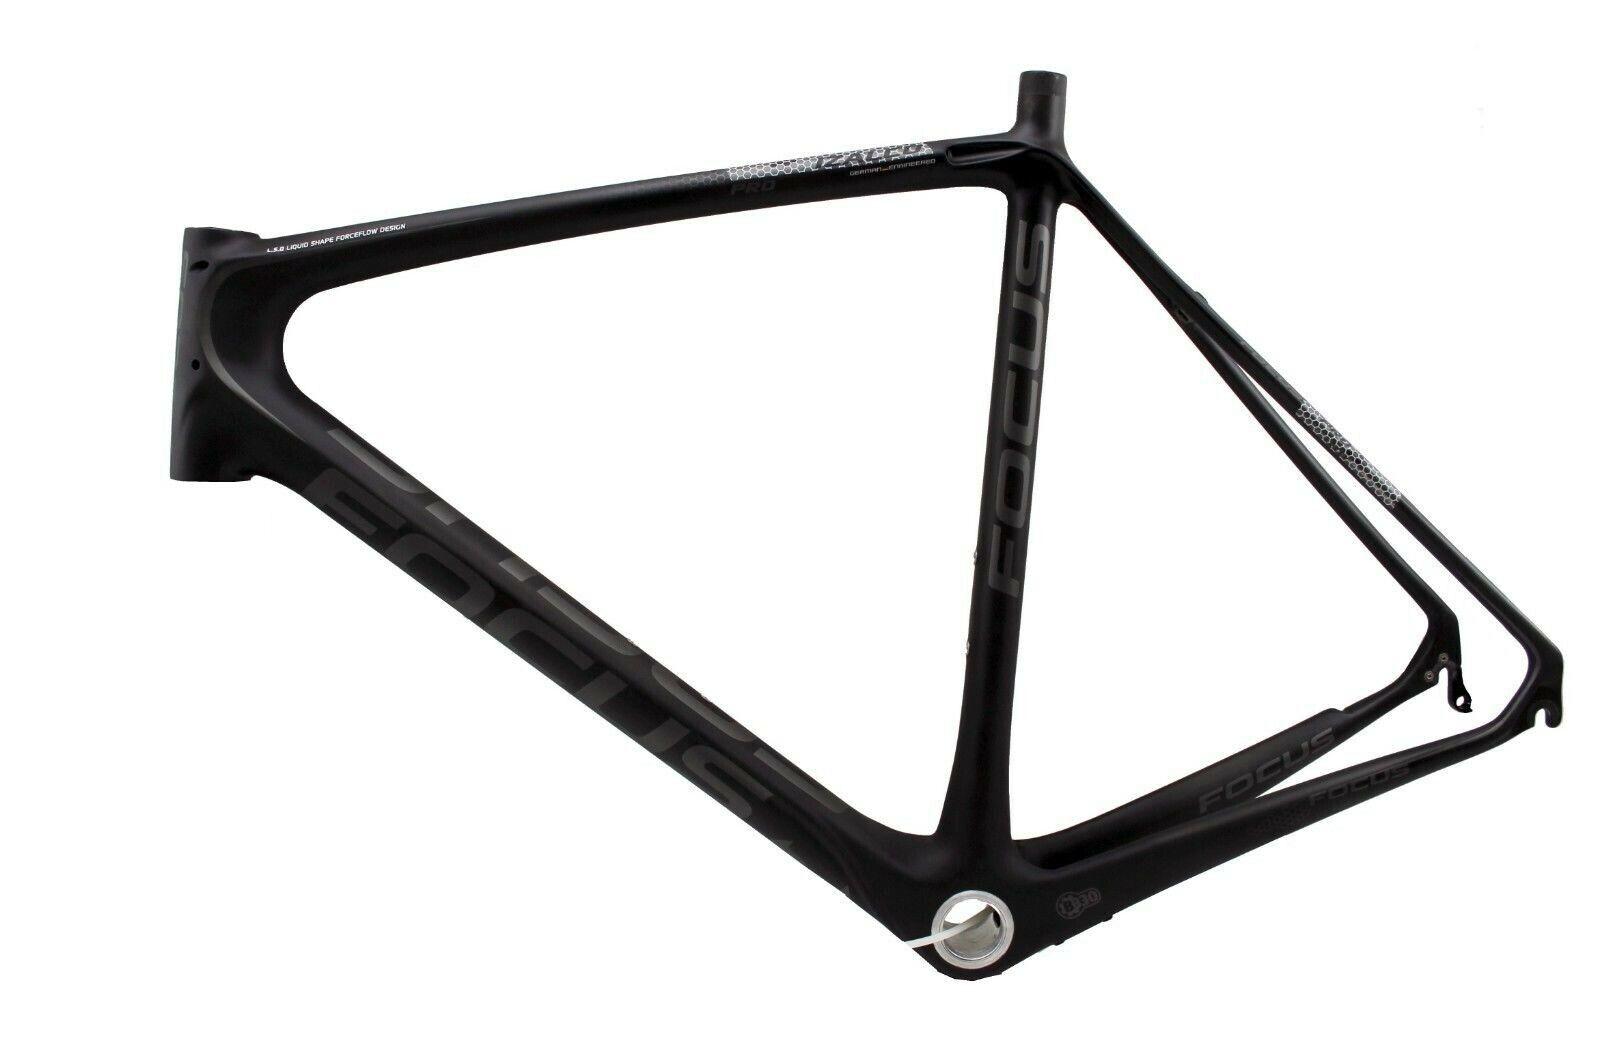 Focus Izalco Di2, Rh 58 cm, Charbon - Cadre , Bb-30, black